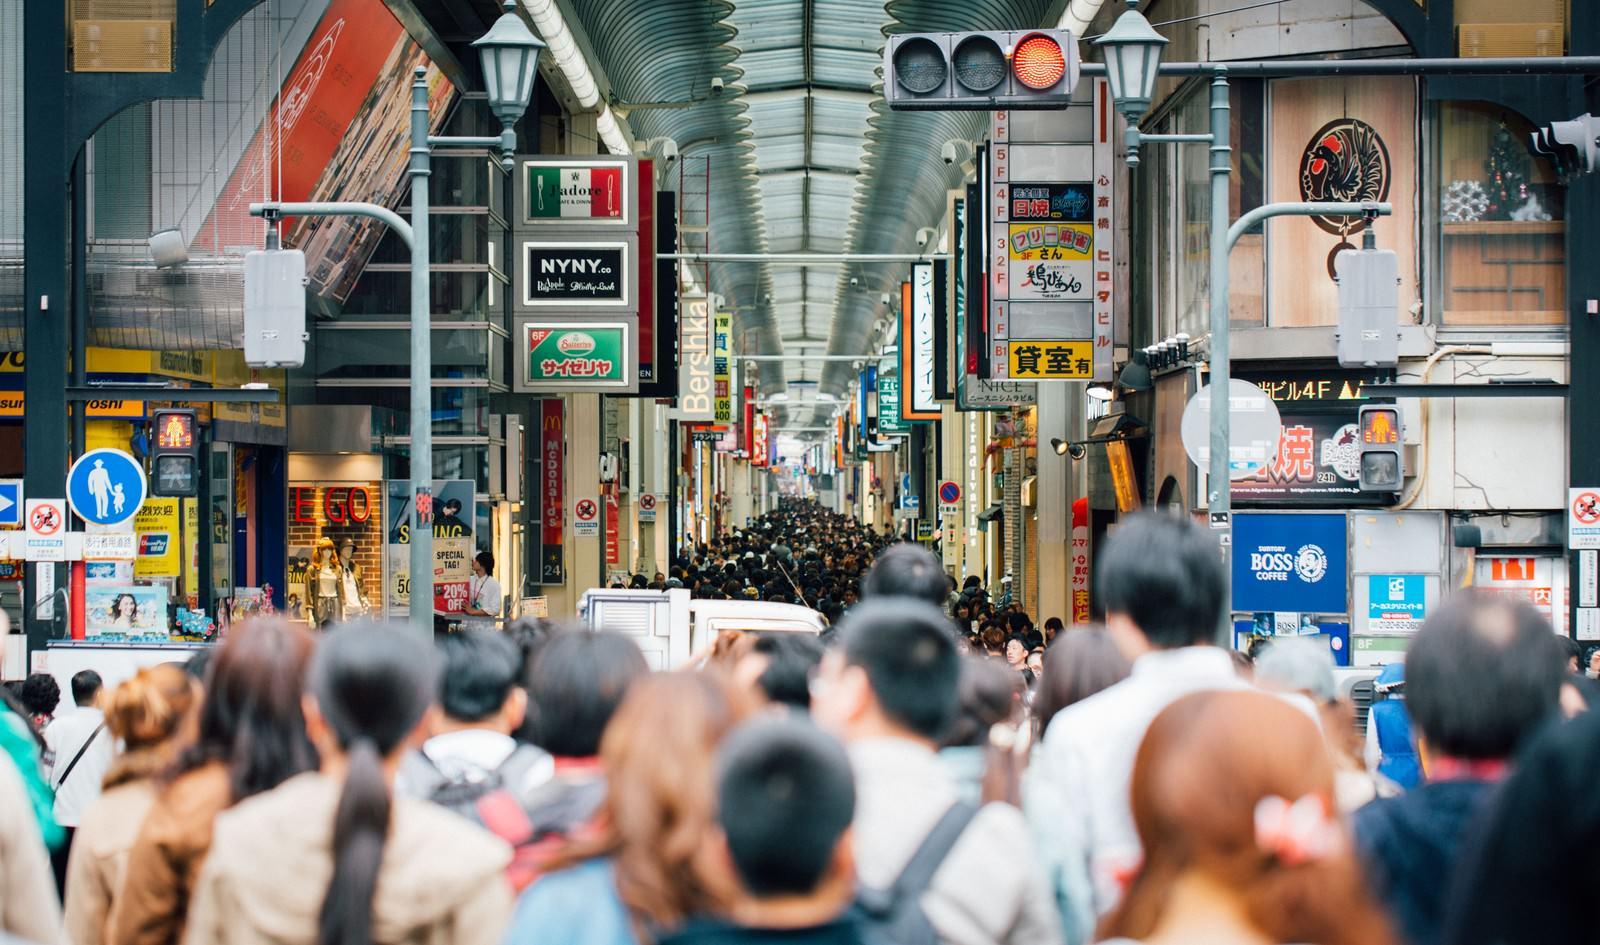 「大阪道頓堀の人混み大阪道頓堀の人混み」のフリー写真素材を拡大